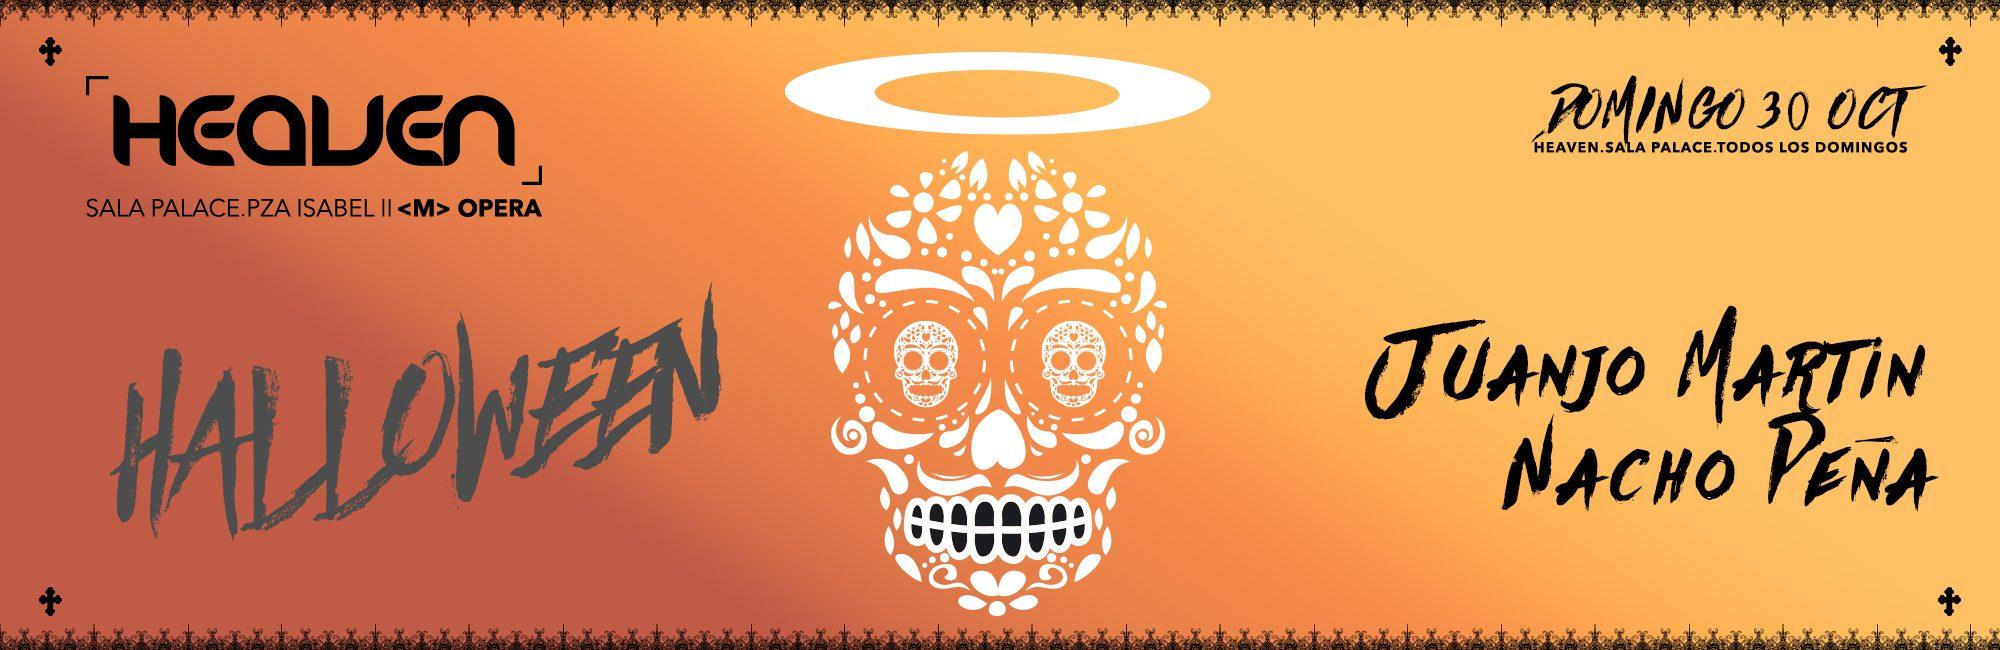 hvn-d30o2016-halloween-v2-web